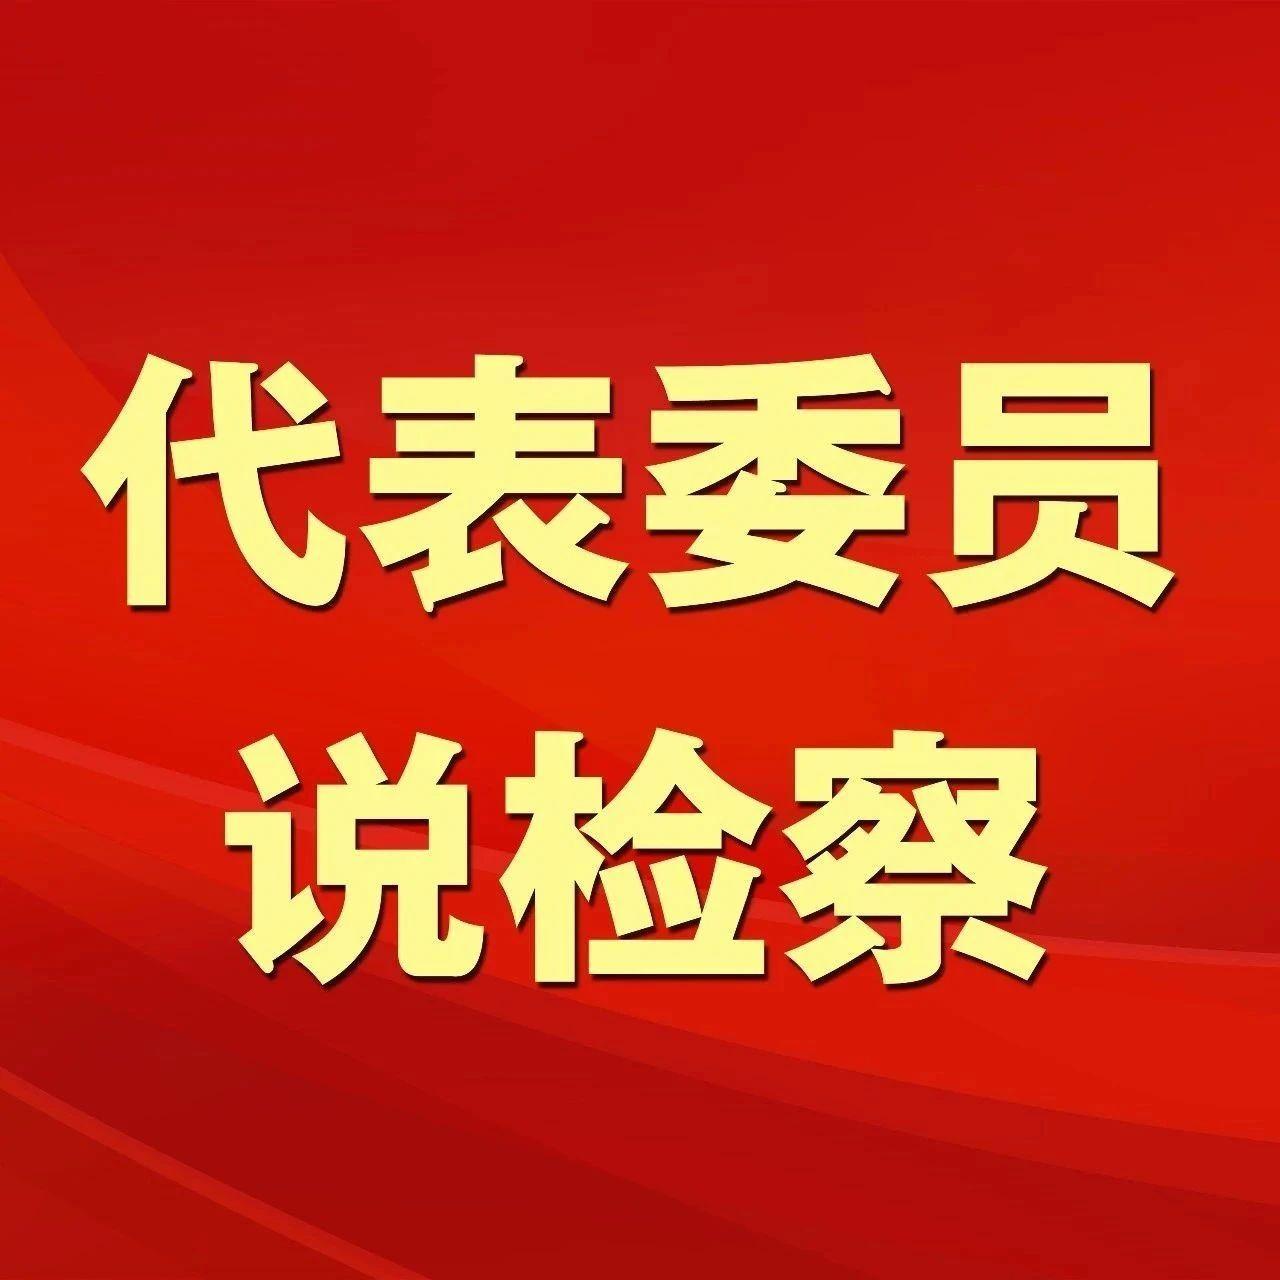 张志勇、张淑琴、邵志豪、文冬、杨小天、王曼利、沈泉、胡春霞、刘希娅:用心用情守护未成年人健康成长